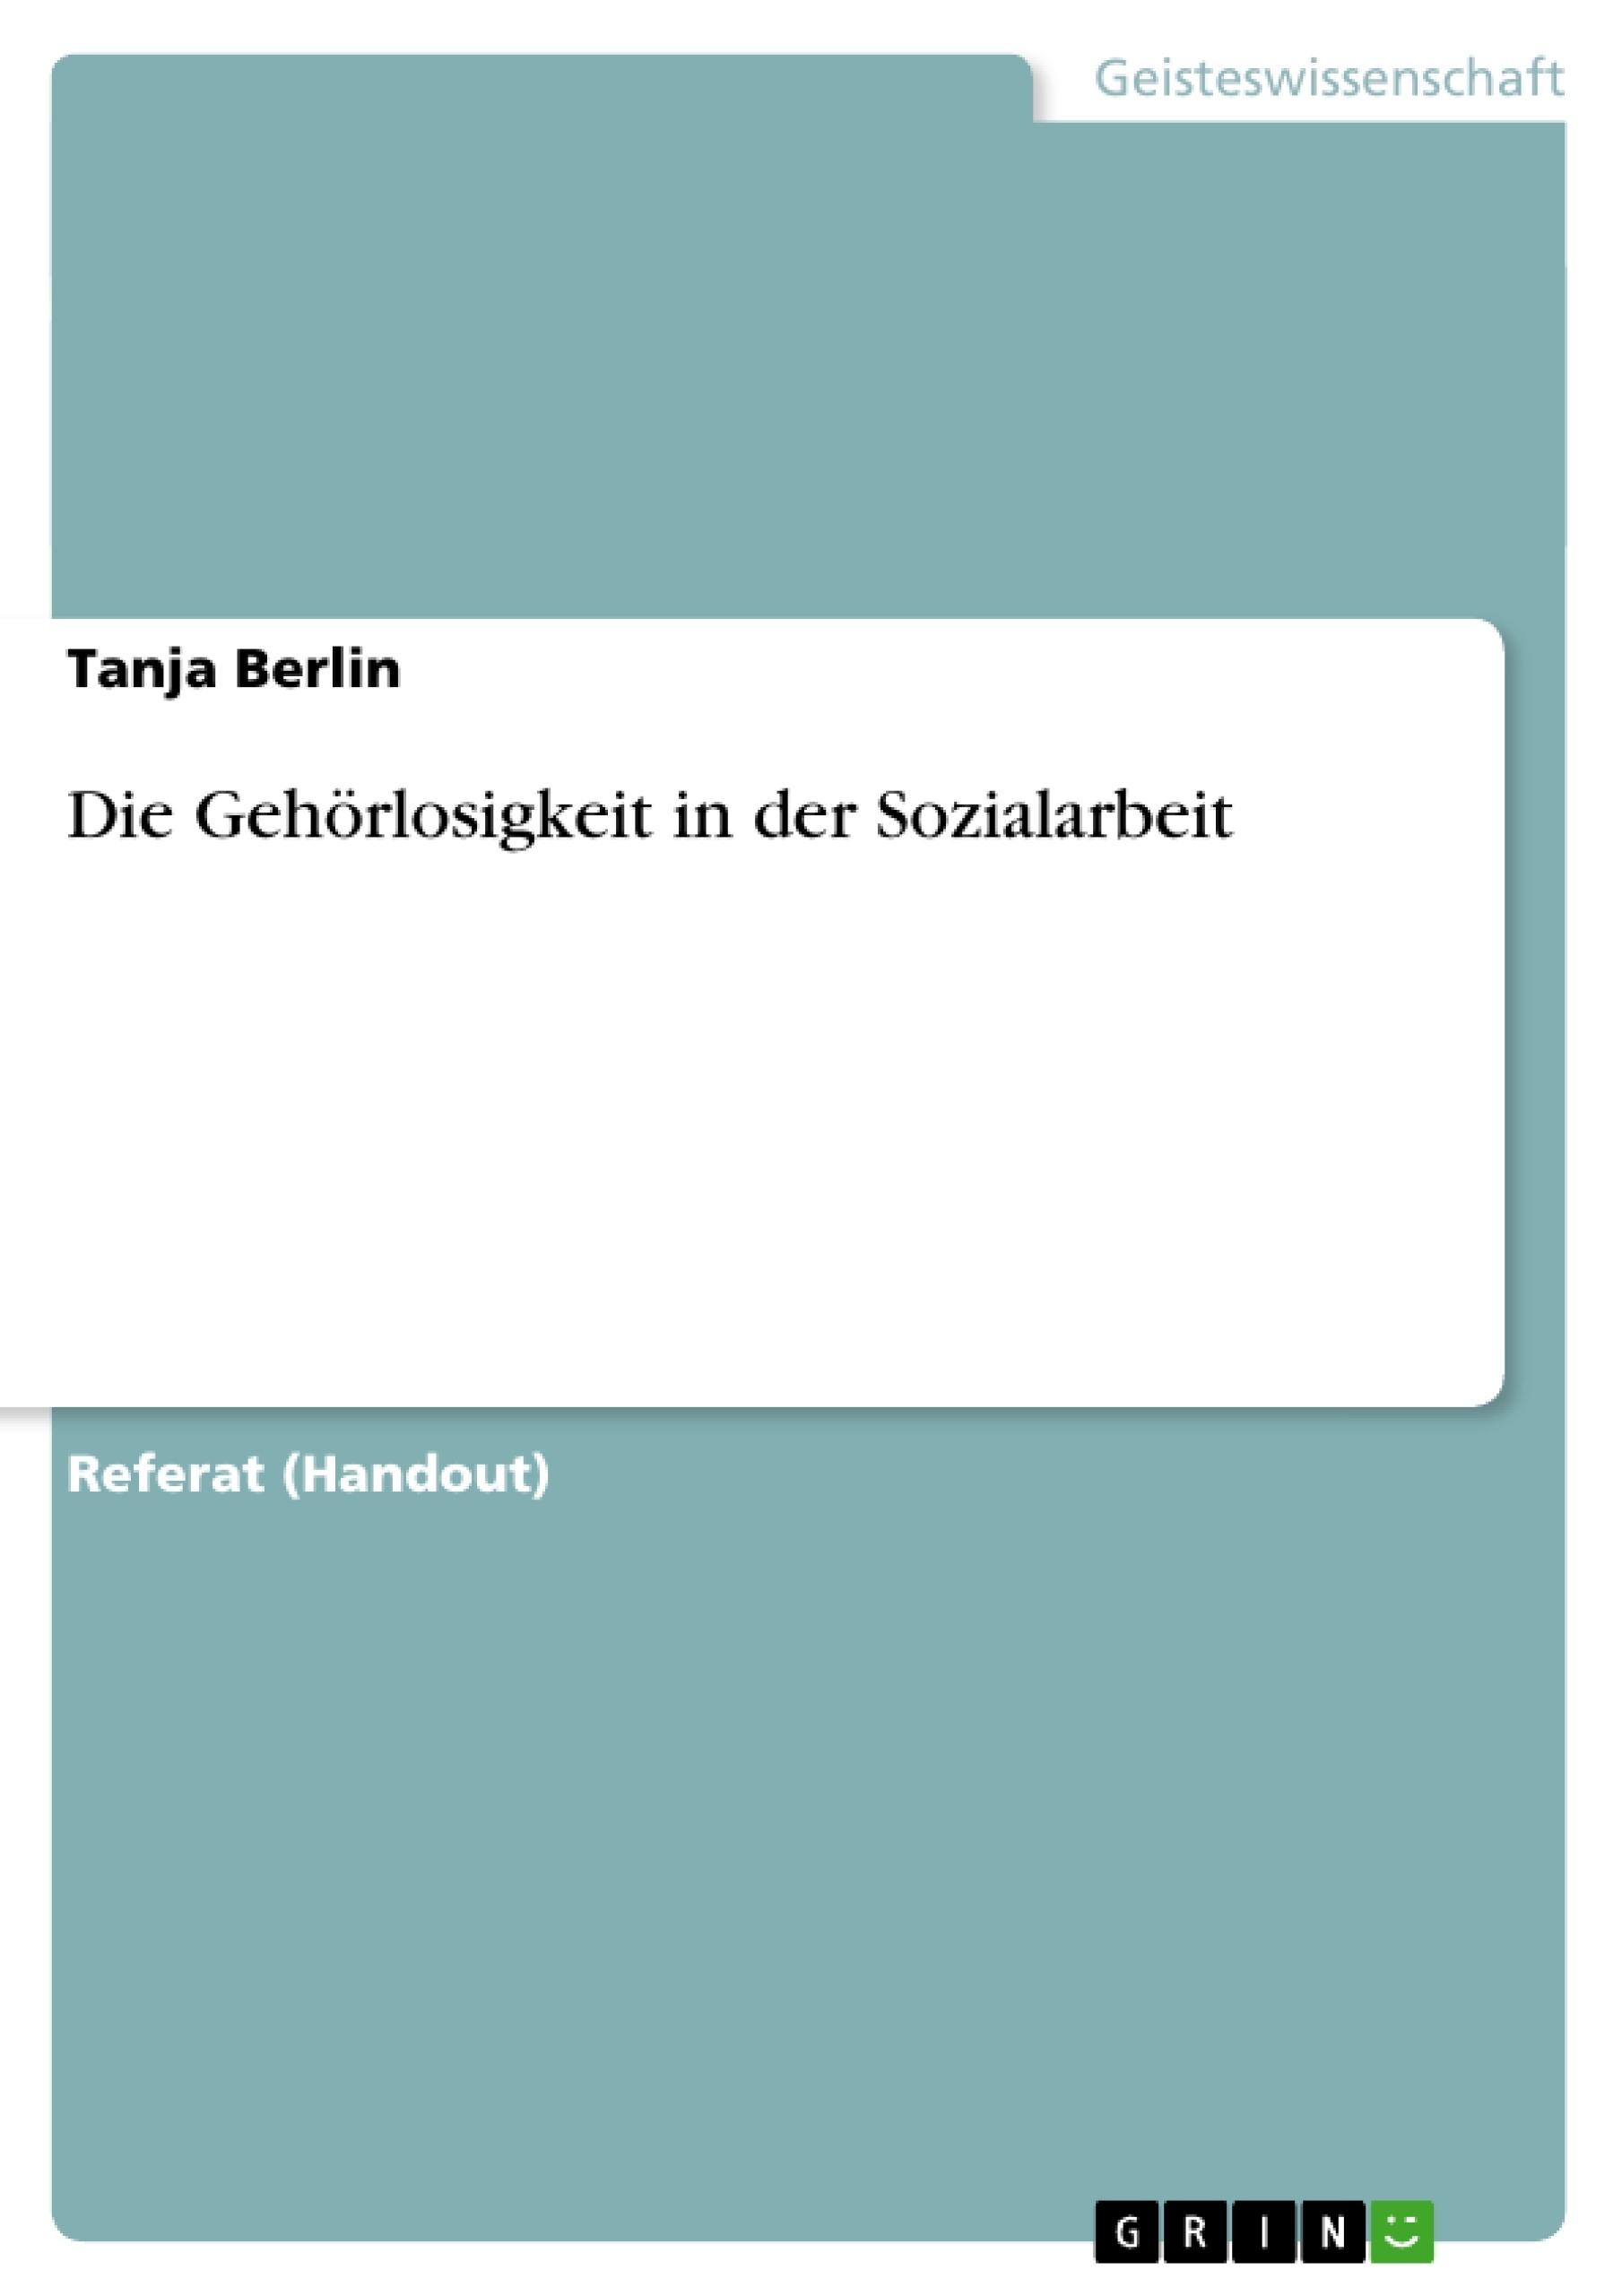 Titel: Die Gehörlosigkeit in der Sozialarbeit